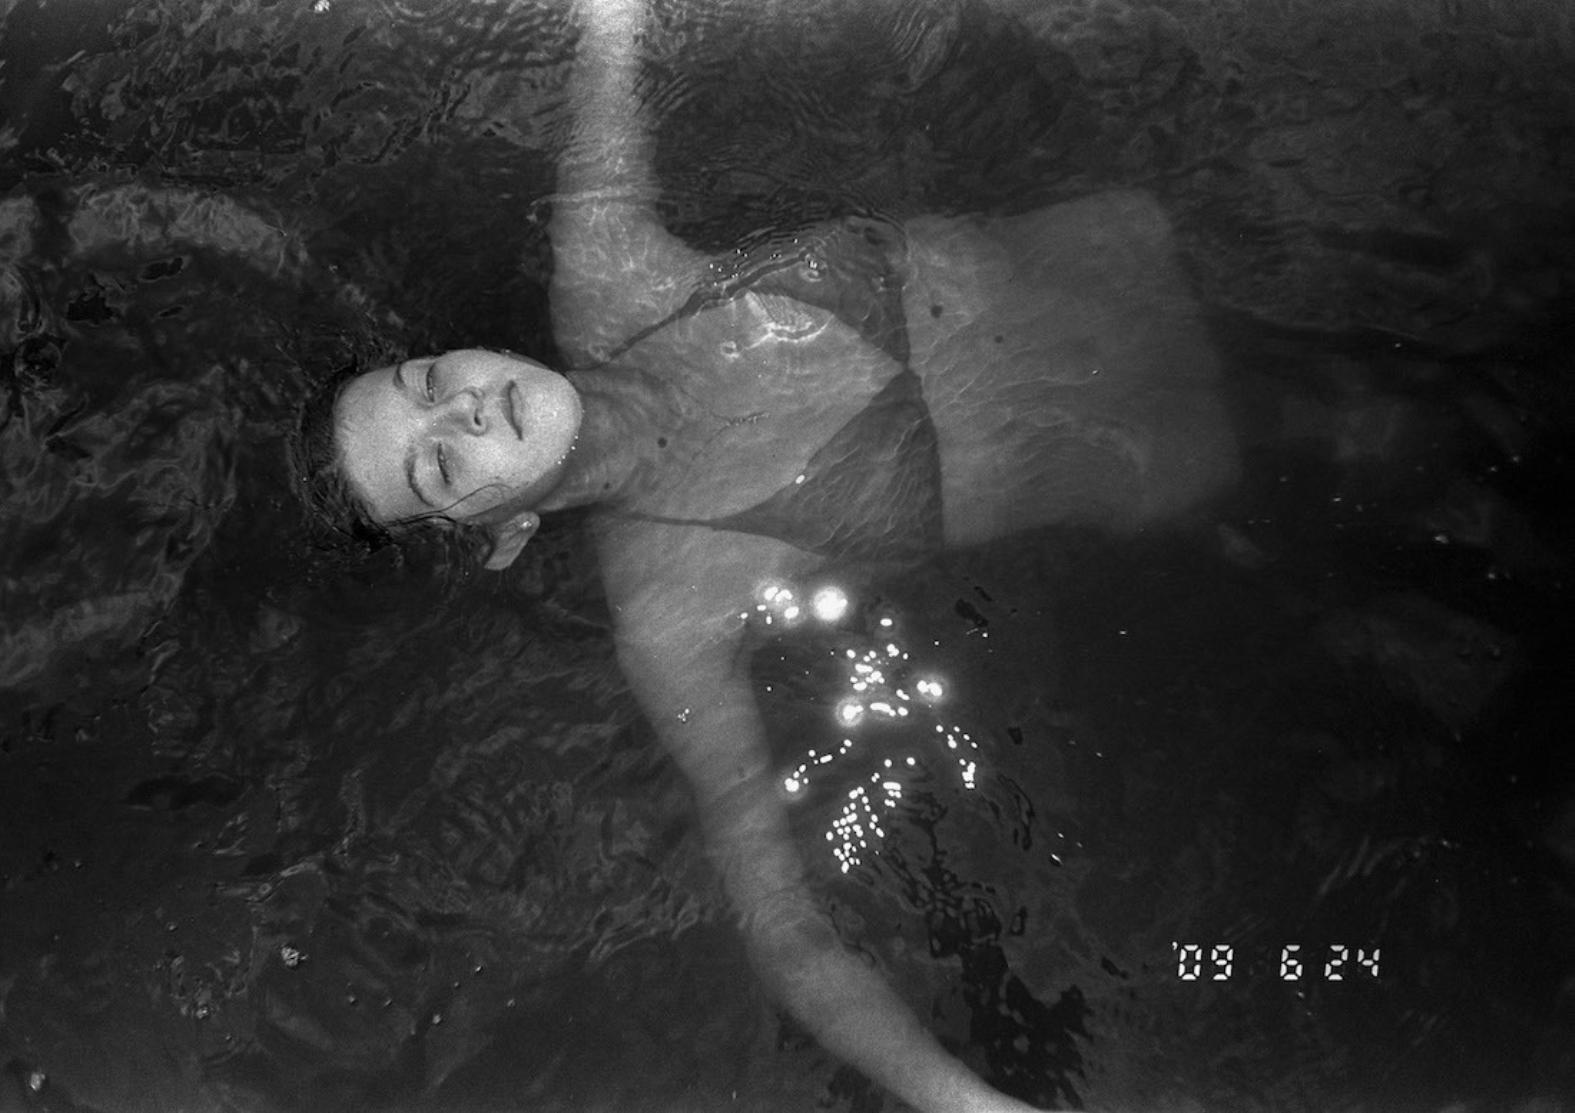 Hot Ebony λεσβίες φωτογραφίες